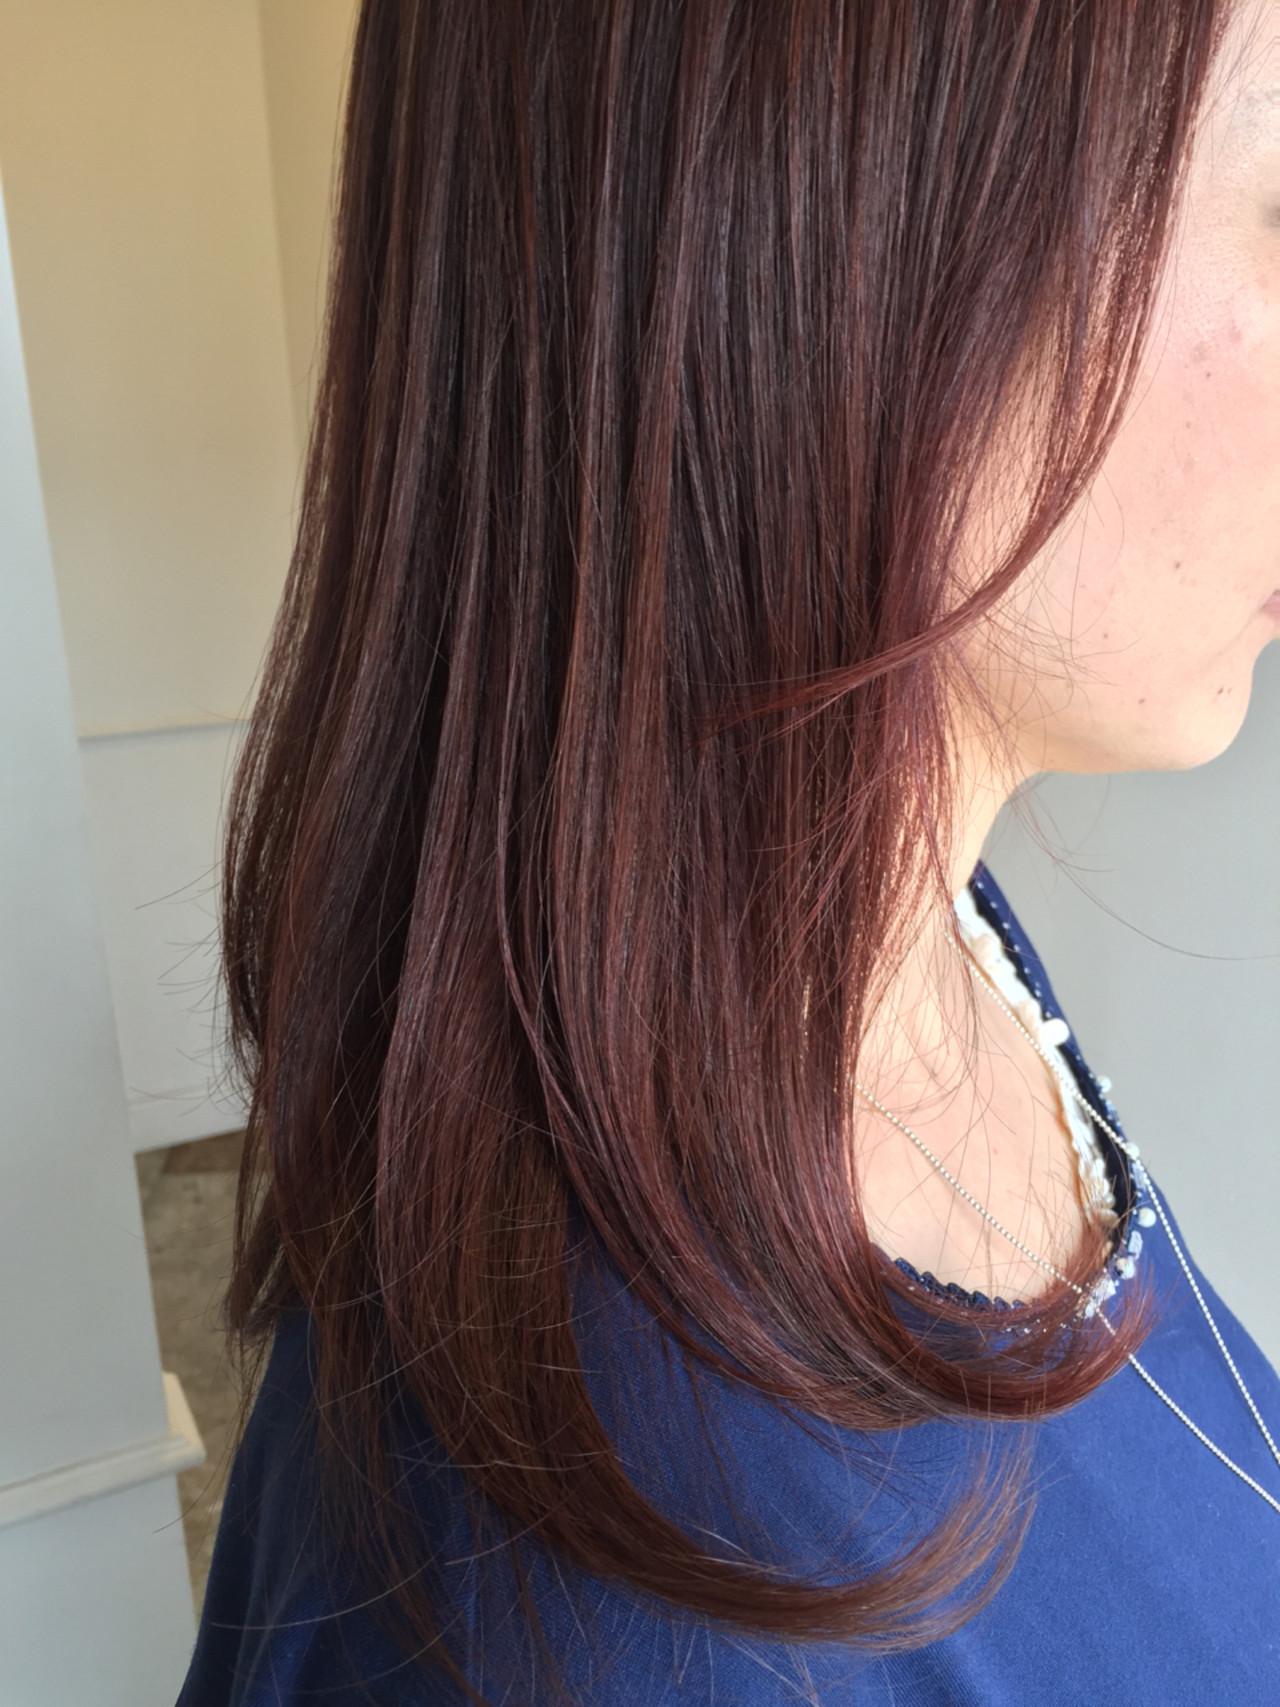 レッド ピンクアッシュ ラベンダーピンク セミロング ヘアスタイルや髪型の写真・画像 | 佐々田 広大 / Chord【コード】